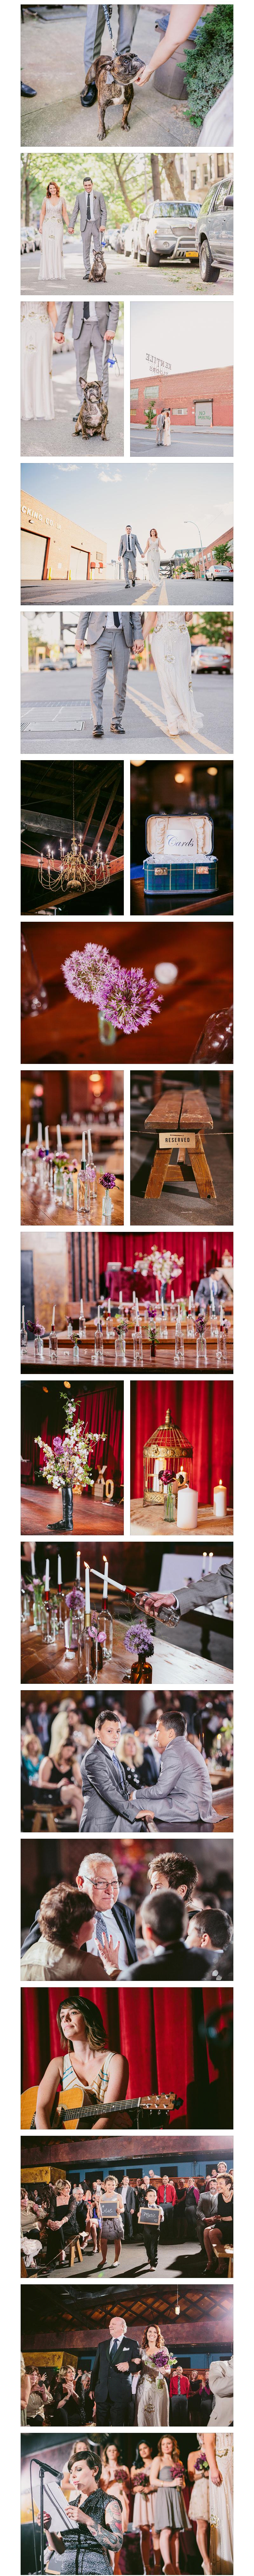 brooklyn-bell-house-wedding-3.jpg